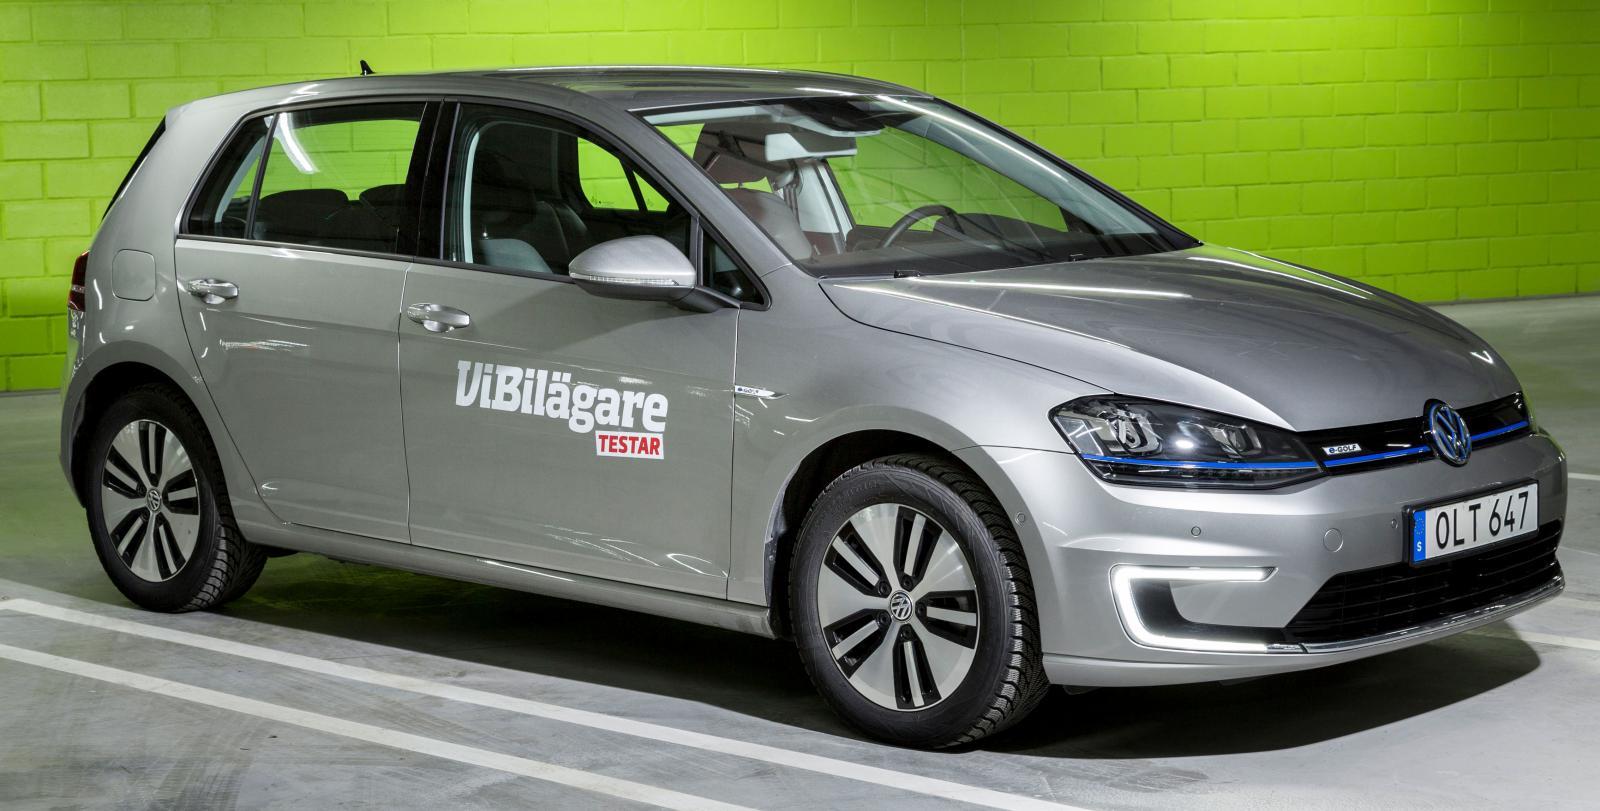 Servicekostnad för elbil och förbränningsbil: Så stor är skillnaden